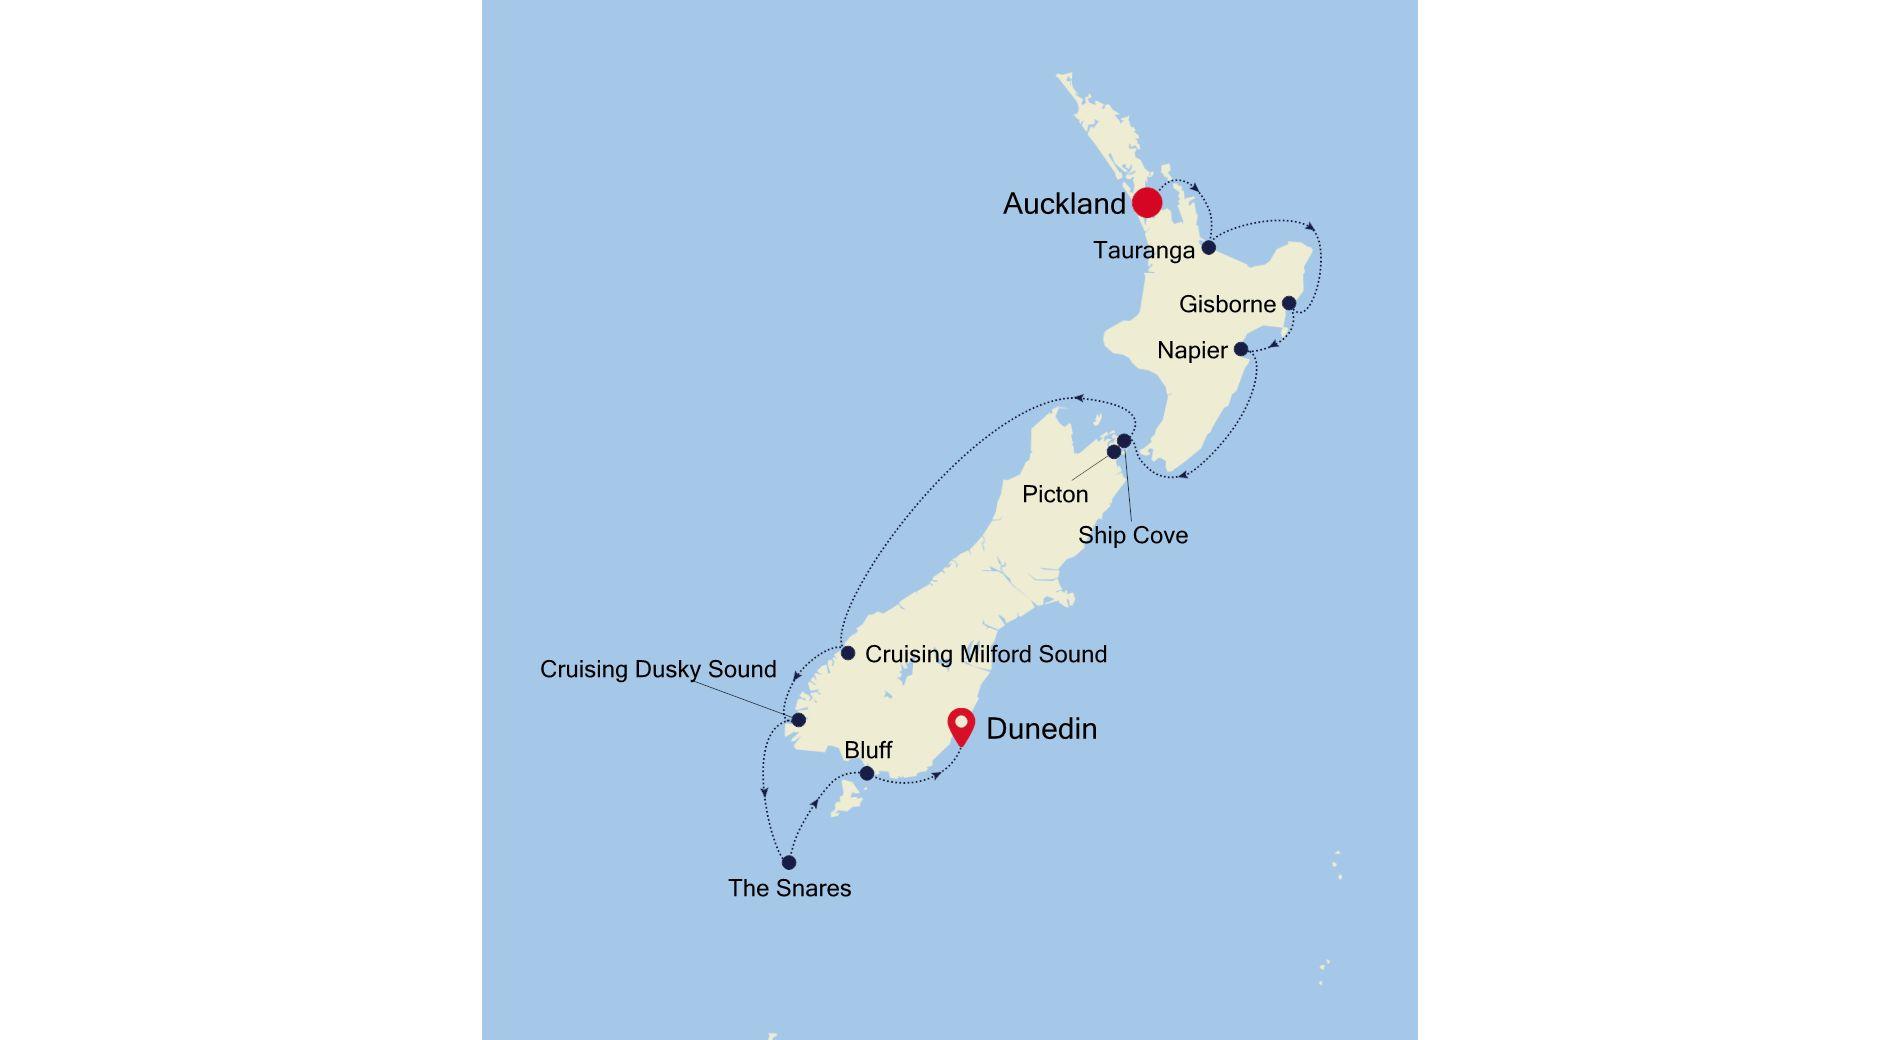 E1201211010 - Auckland à Dunedin